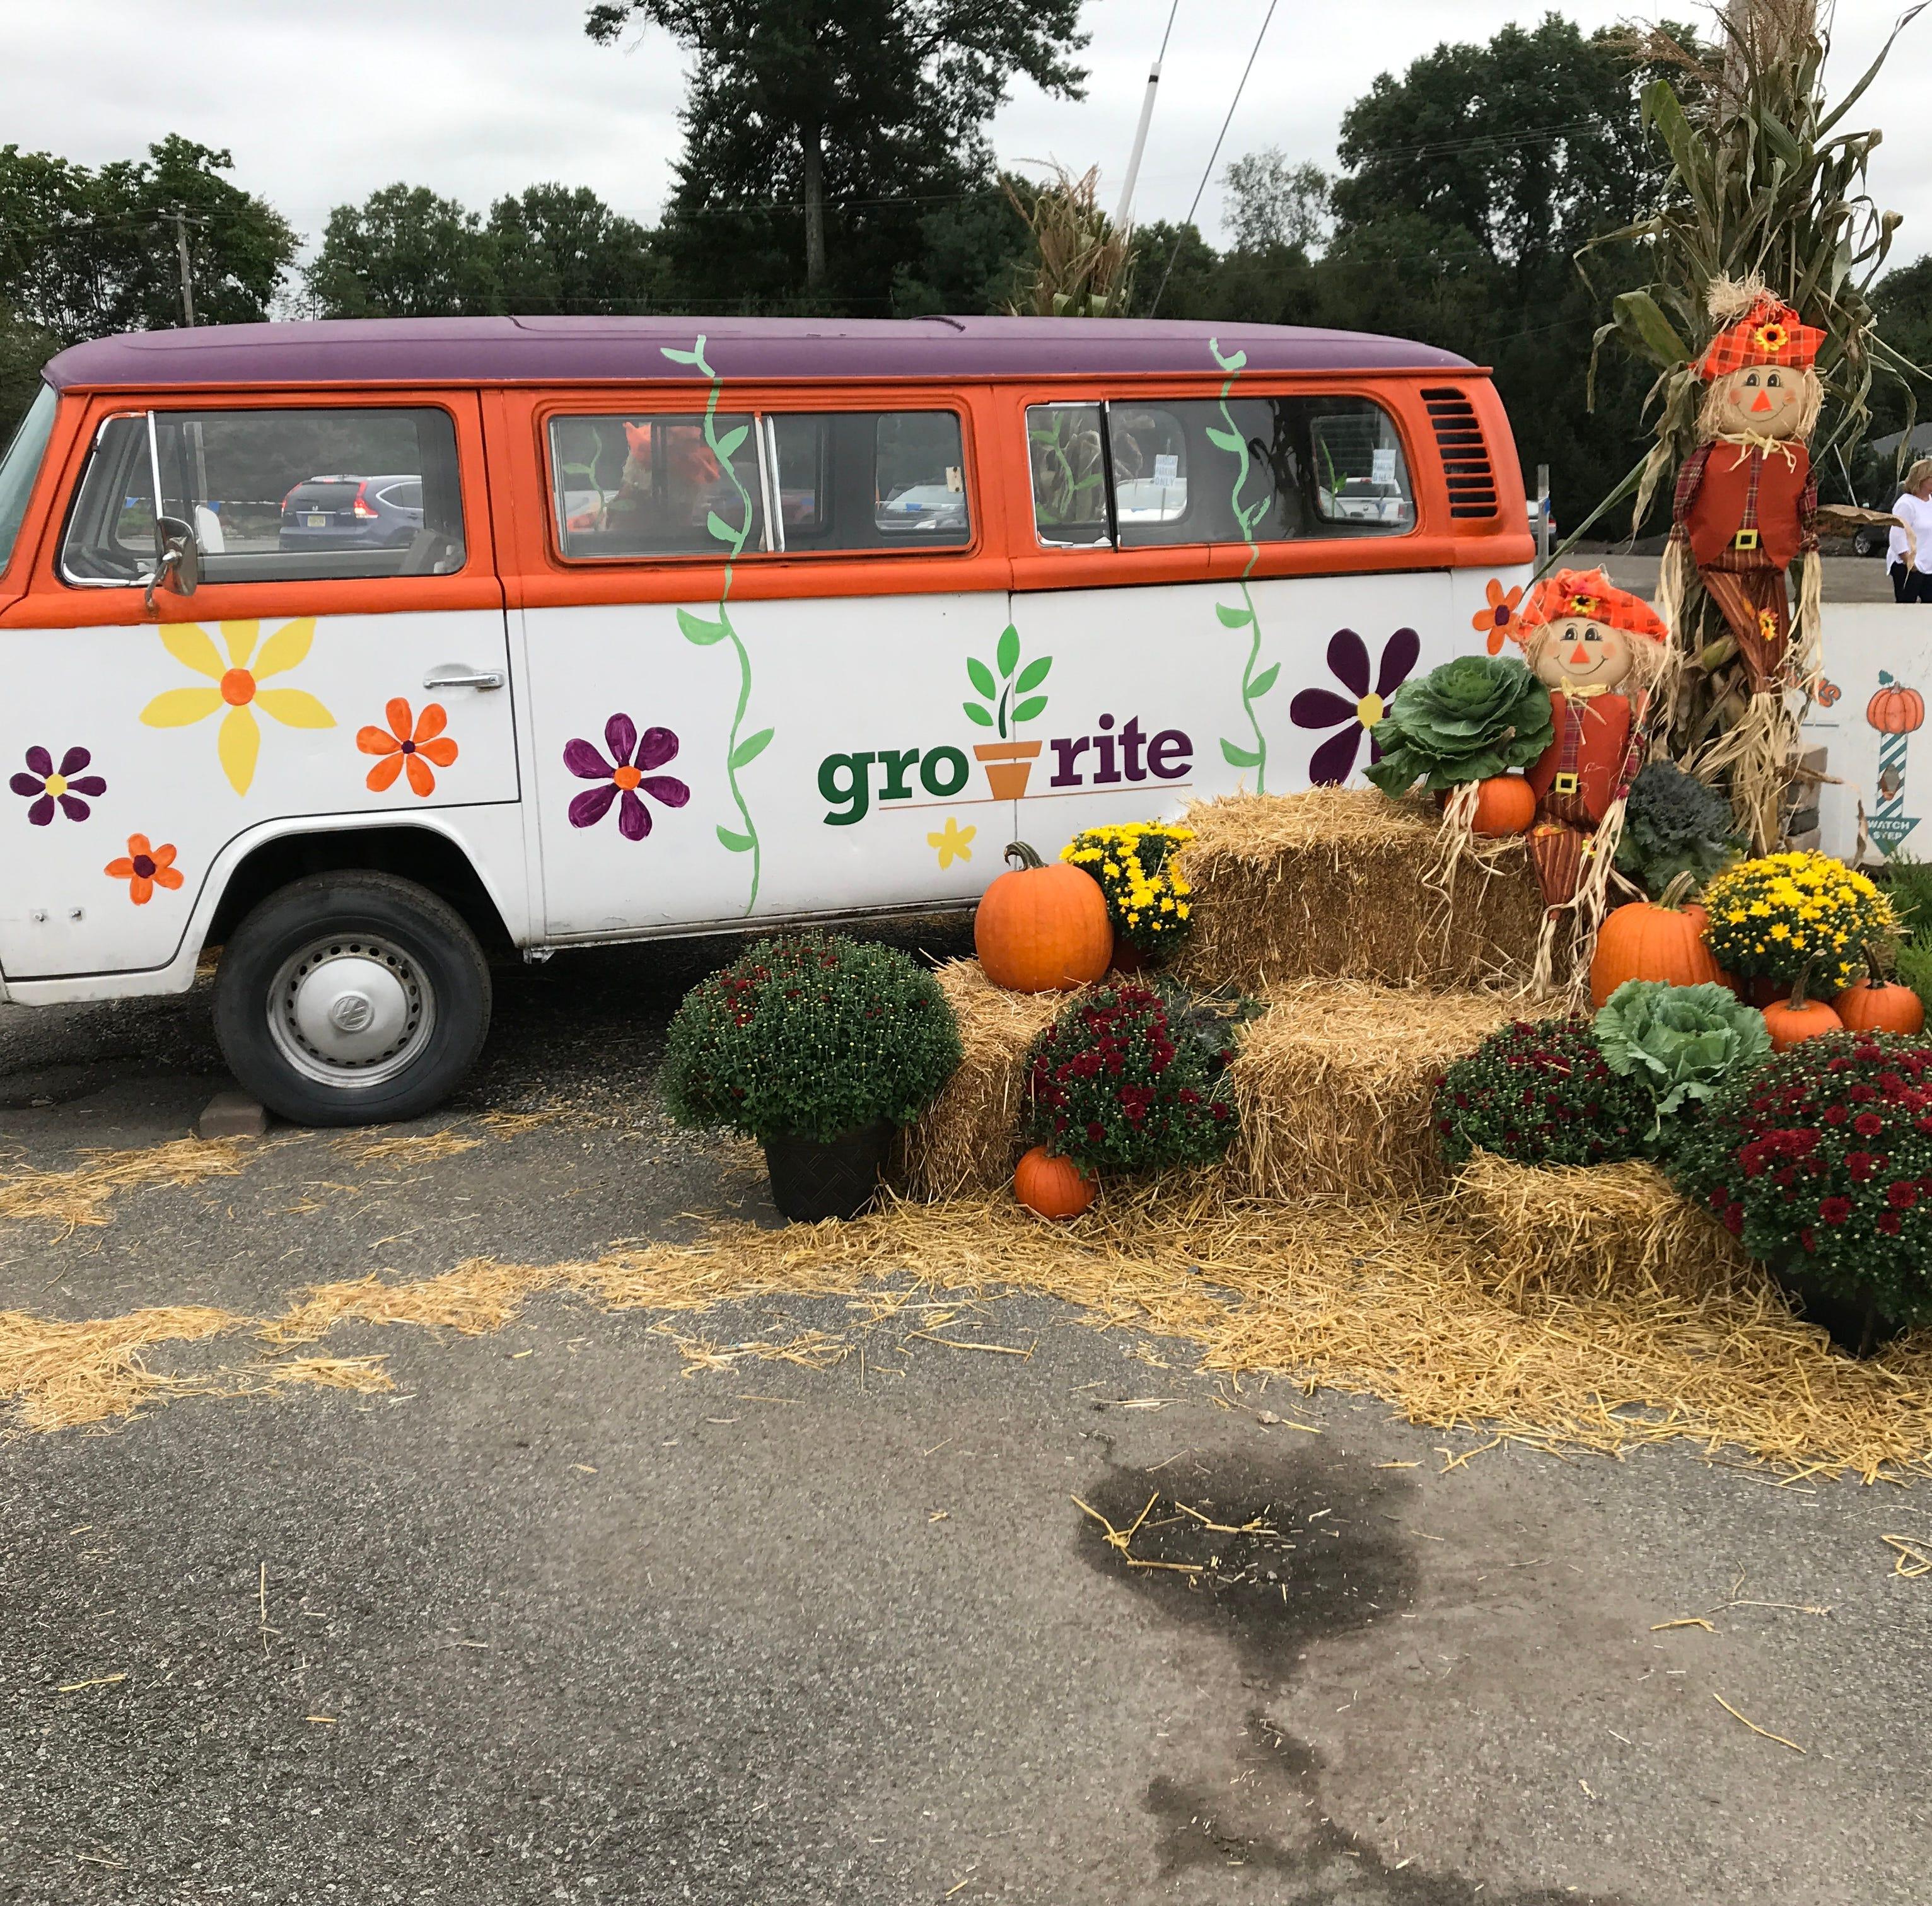 Mums to marijuana: Pequannock family farm applies for license to grow medical pot